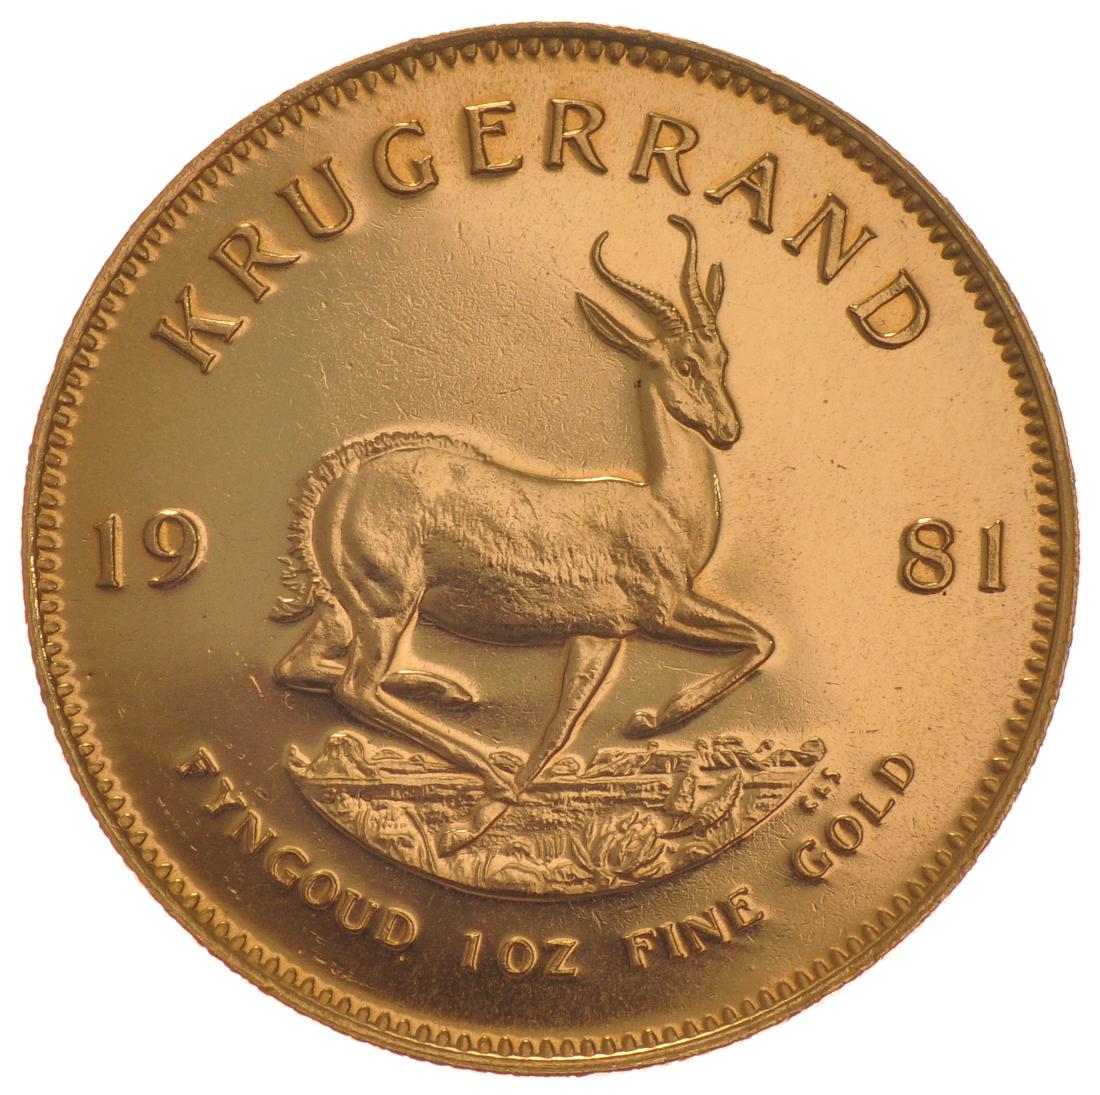 1981 1oz Gold Krugerrand 163 1 063